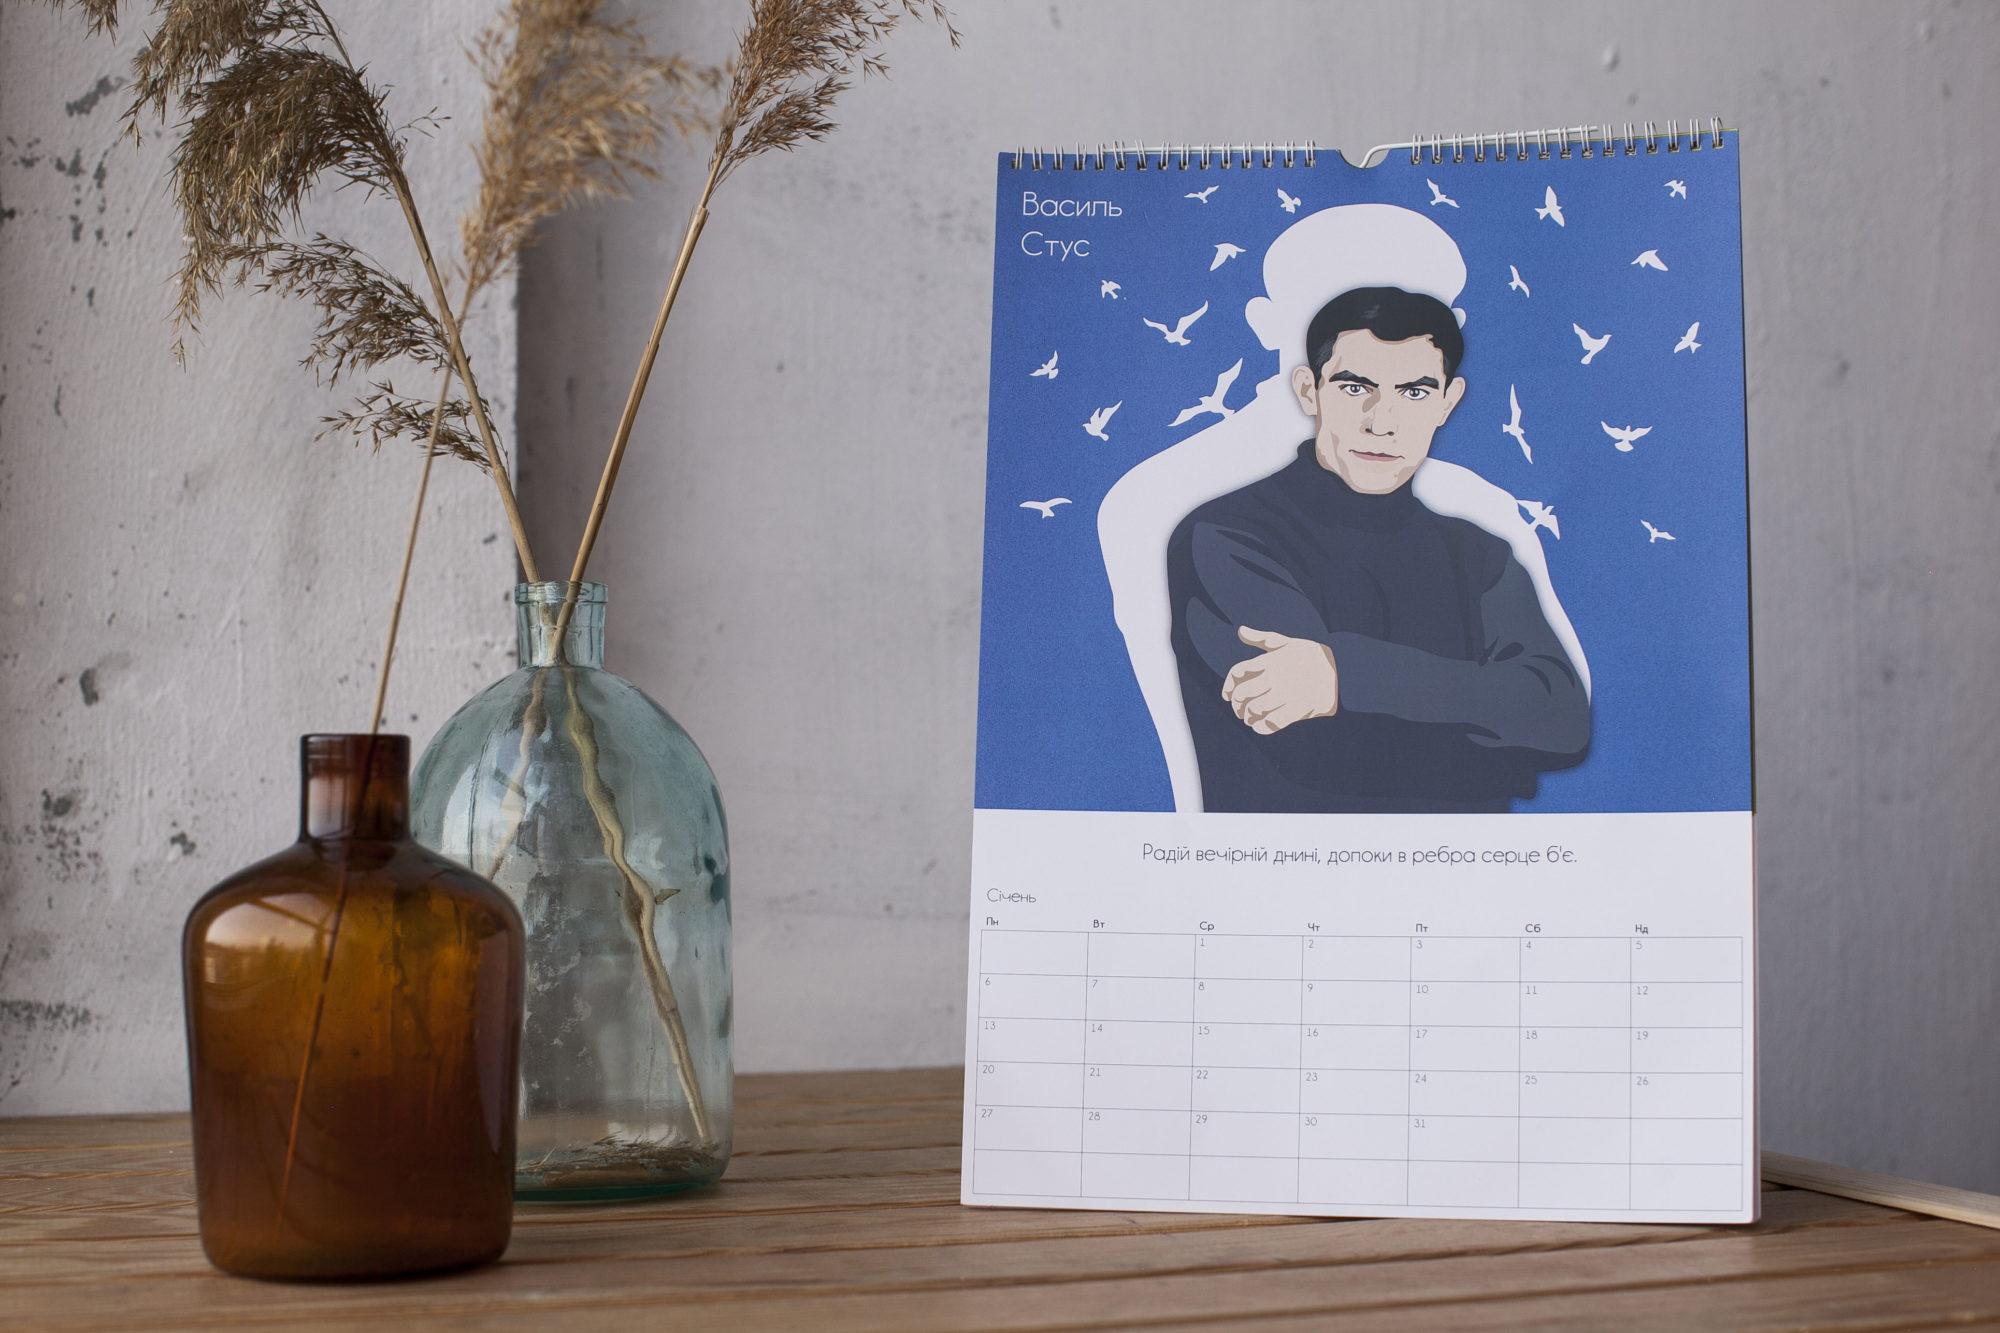 12 українських письменників-класиків прикрасили календар -  - IMG 2170 2000x1333